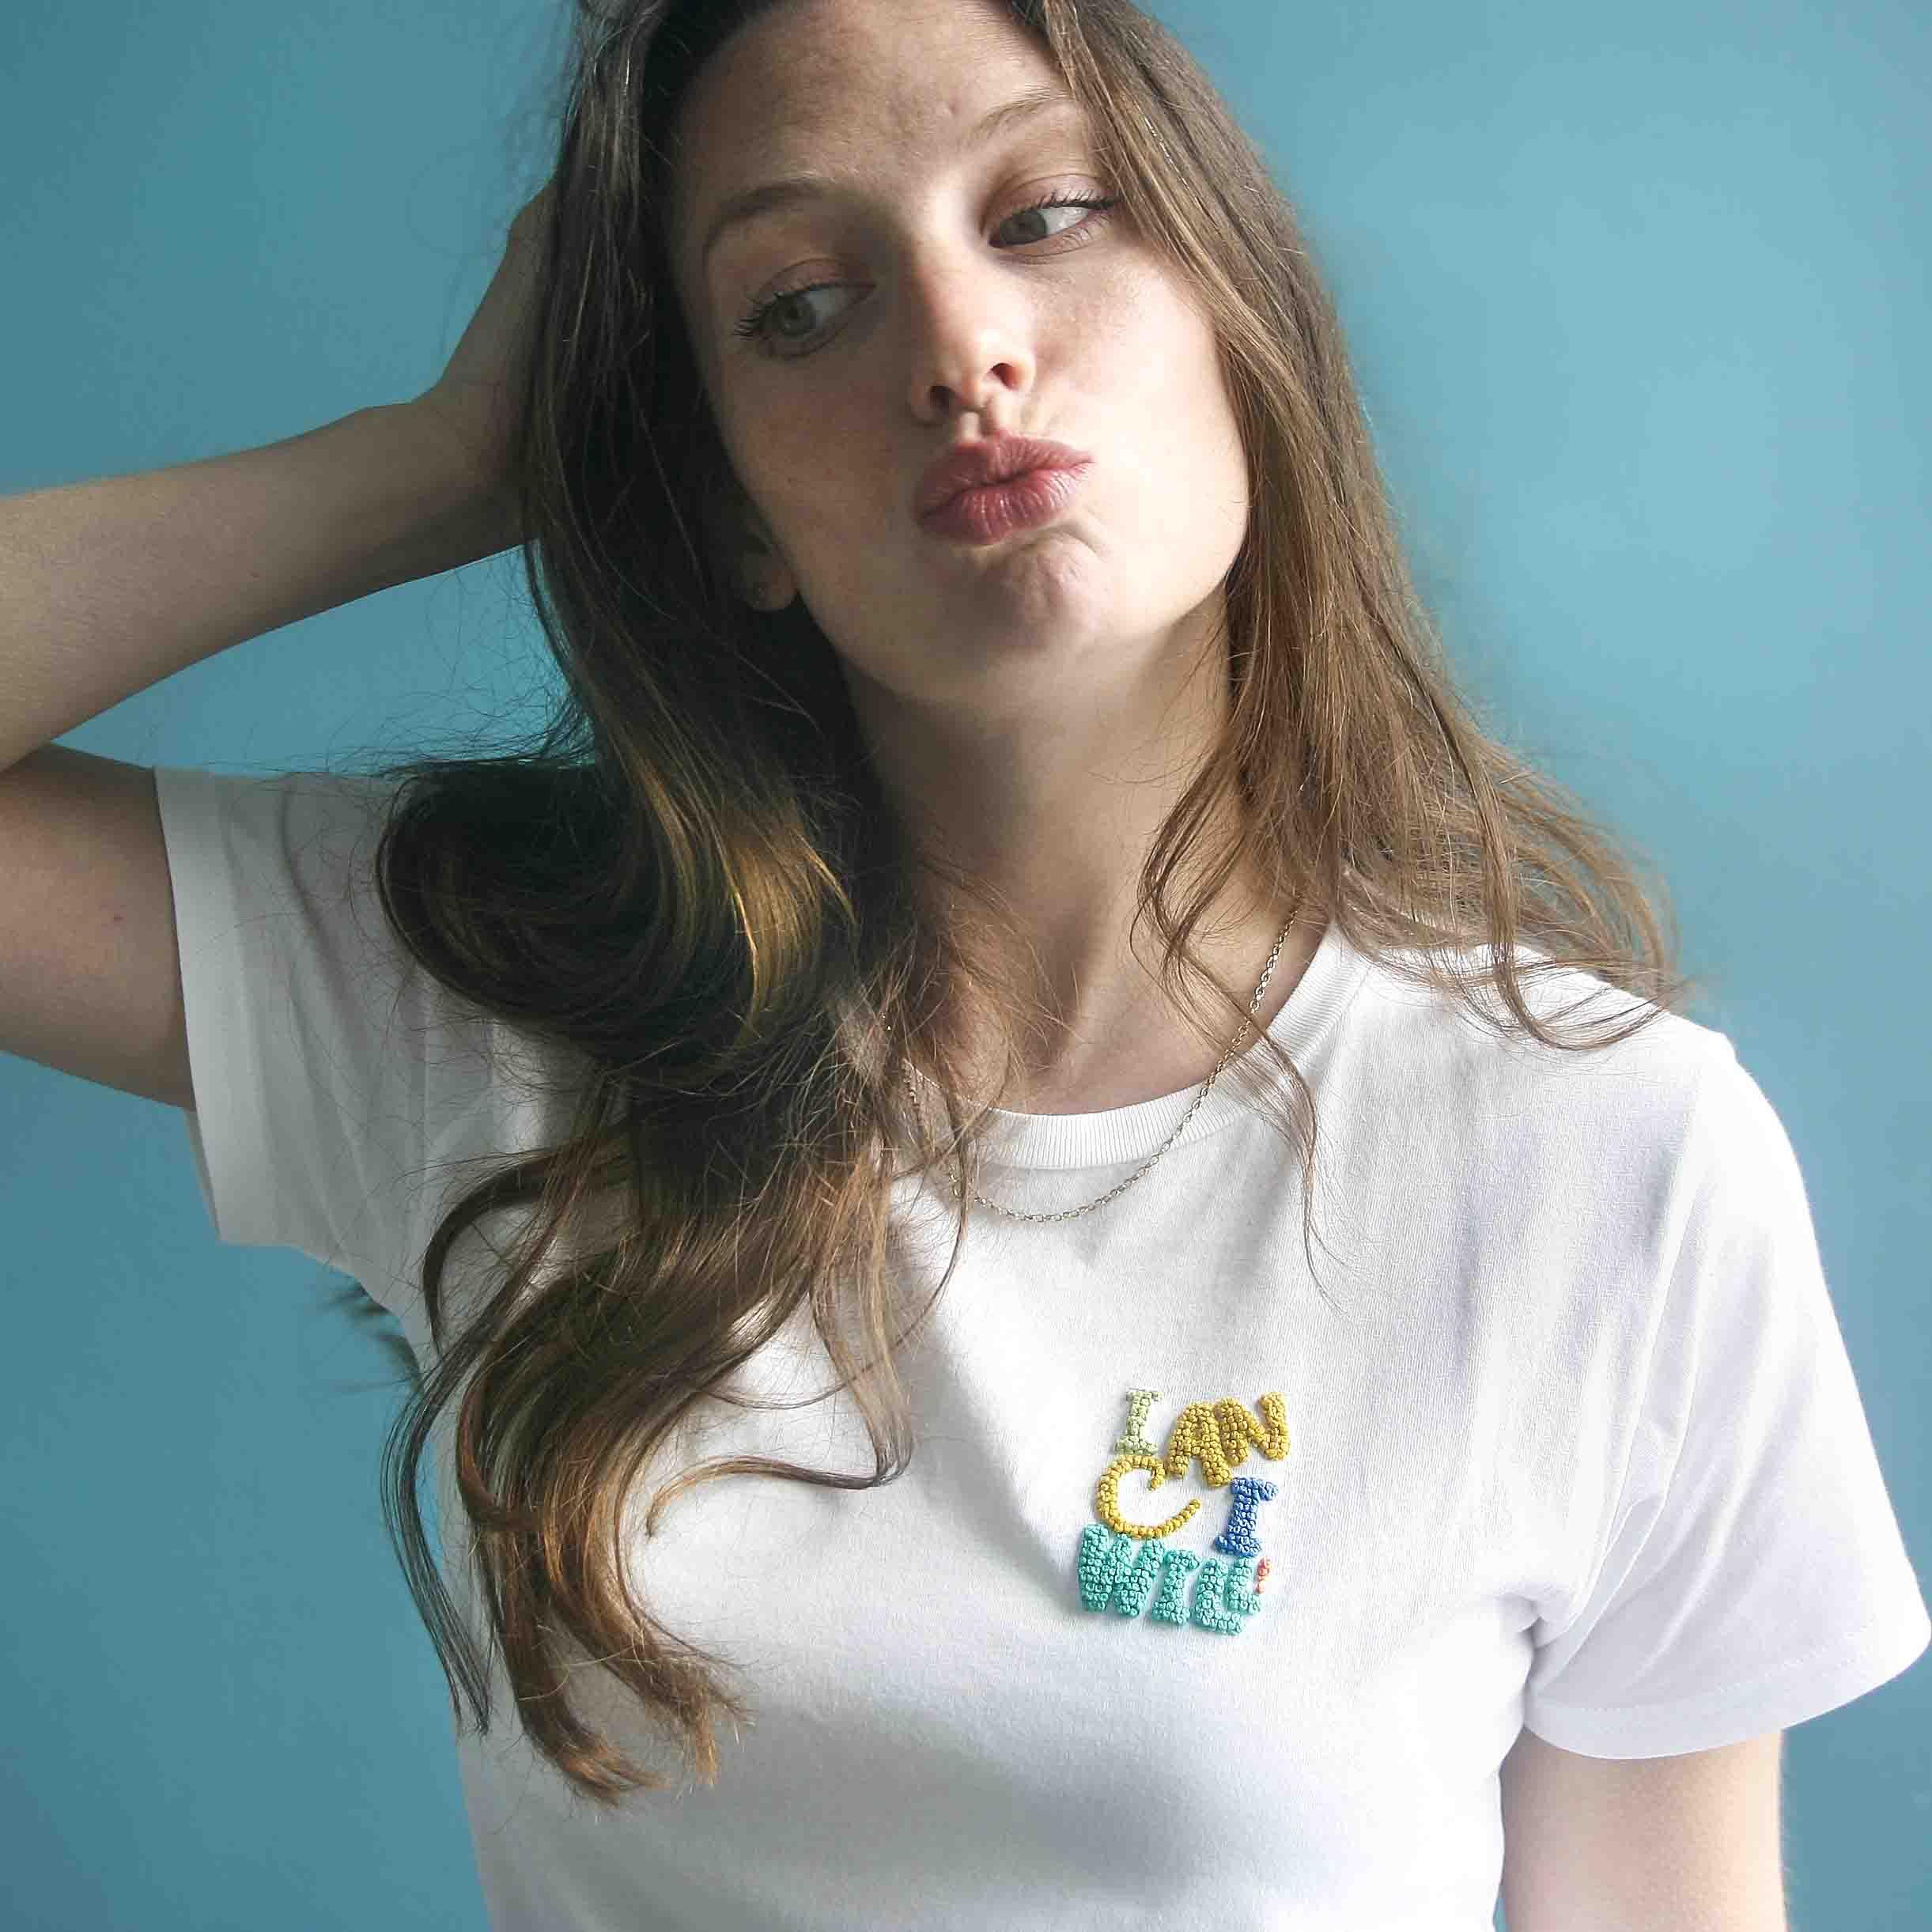 StephieAnn embroidery kit T-shirt